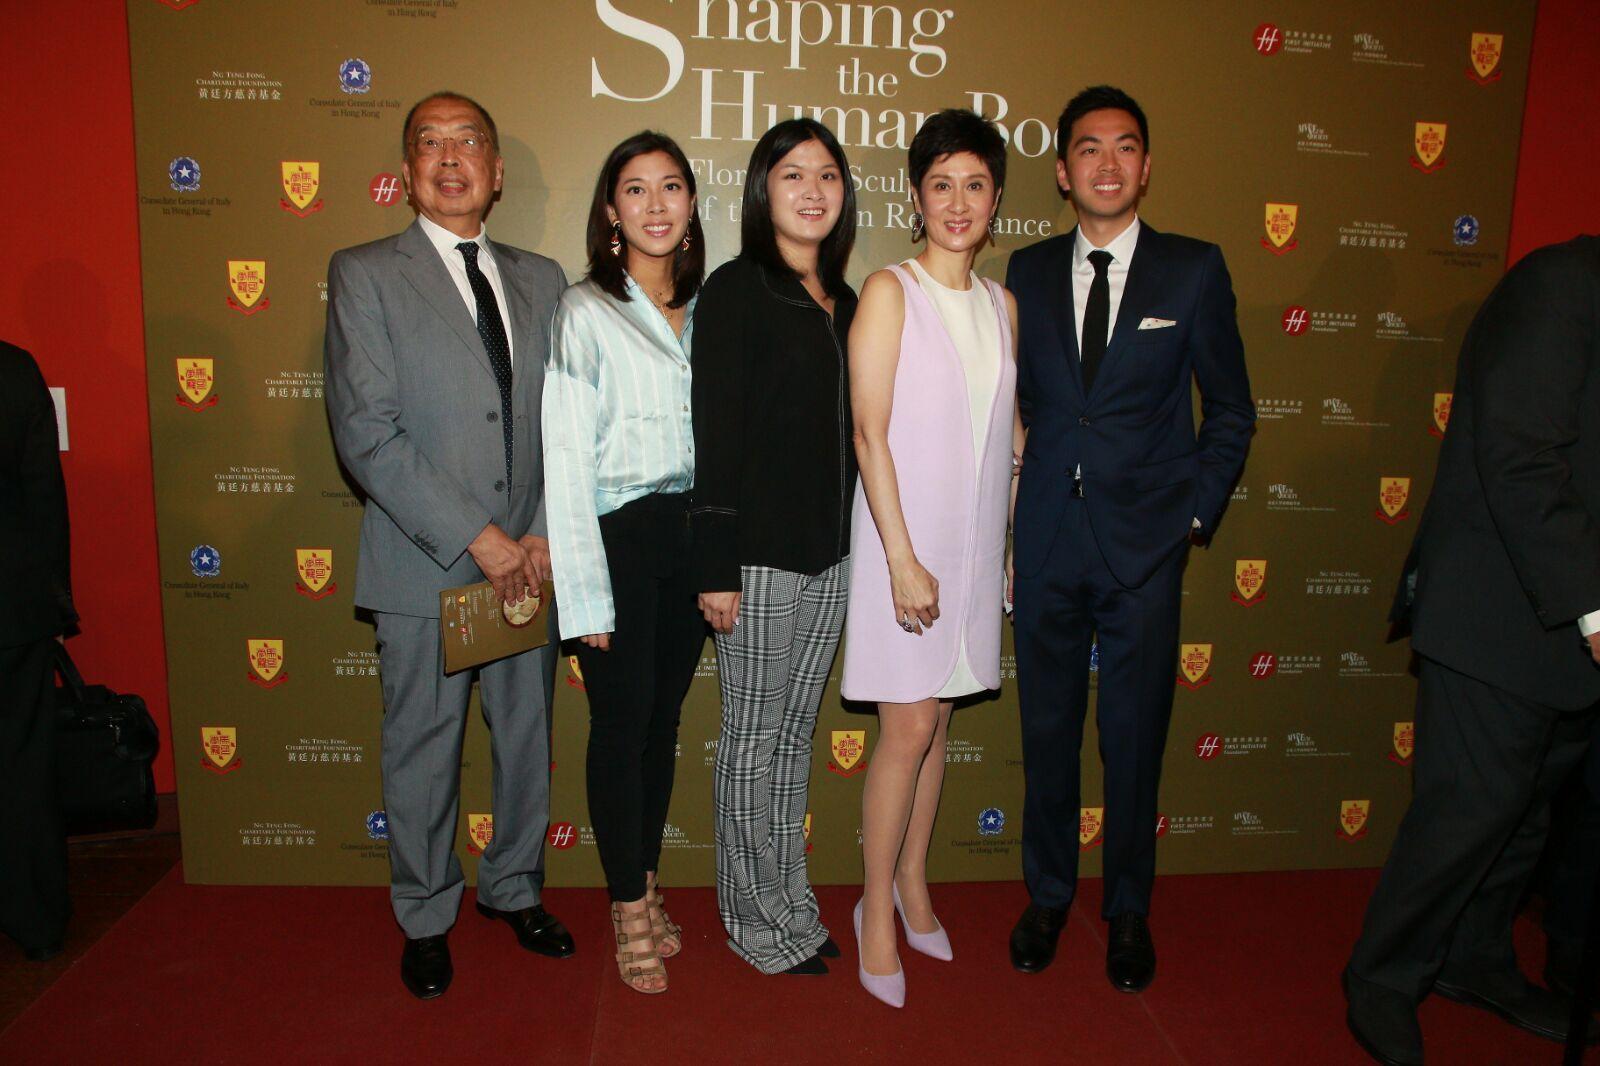 張王幼倫(右二)表示展覽籌備了幾個月,慶幸得各方面協助。